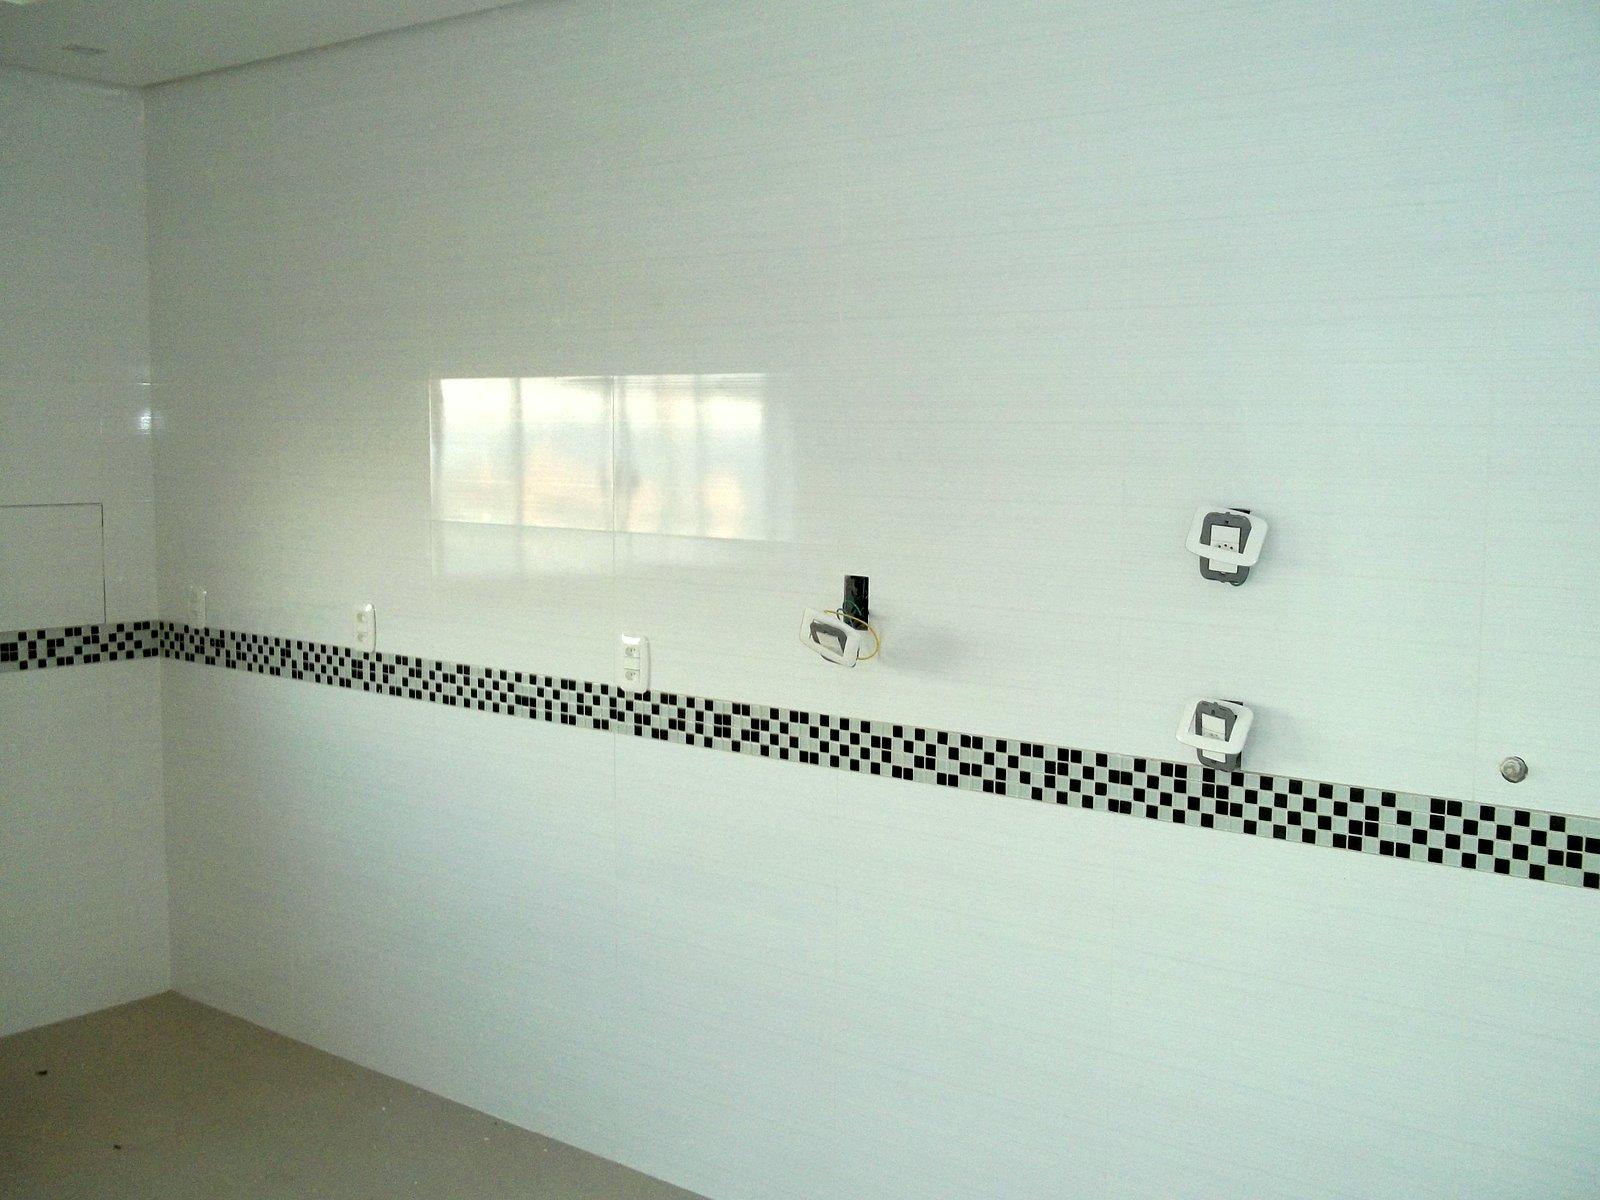 azulejos e pisos cozinha e banheiros fabio guarda construções  #57533A 1600x1200 Azulejo Em Banheiro